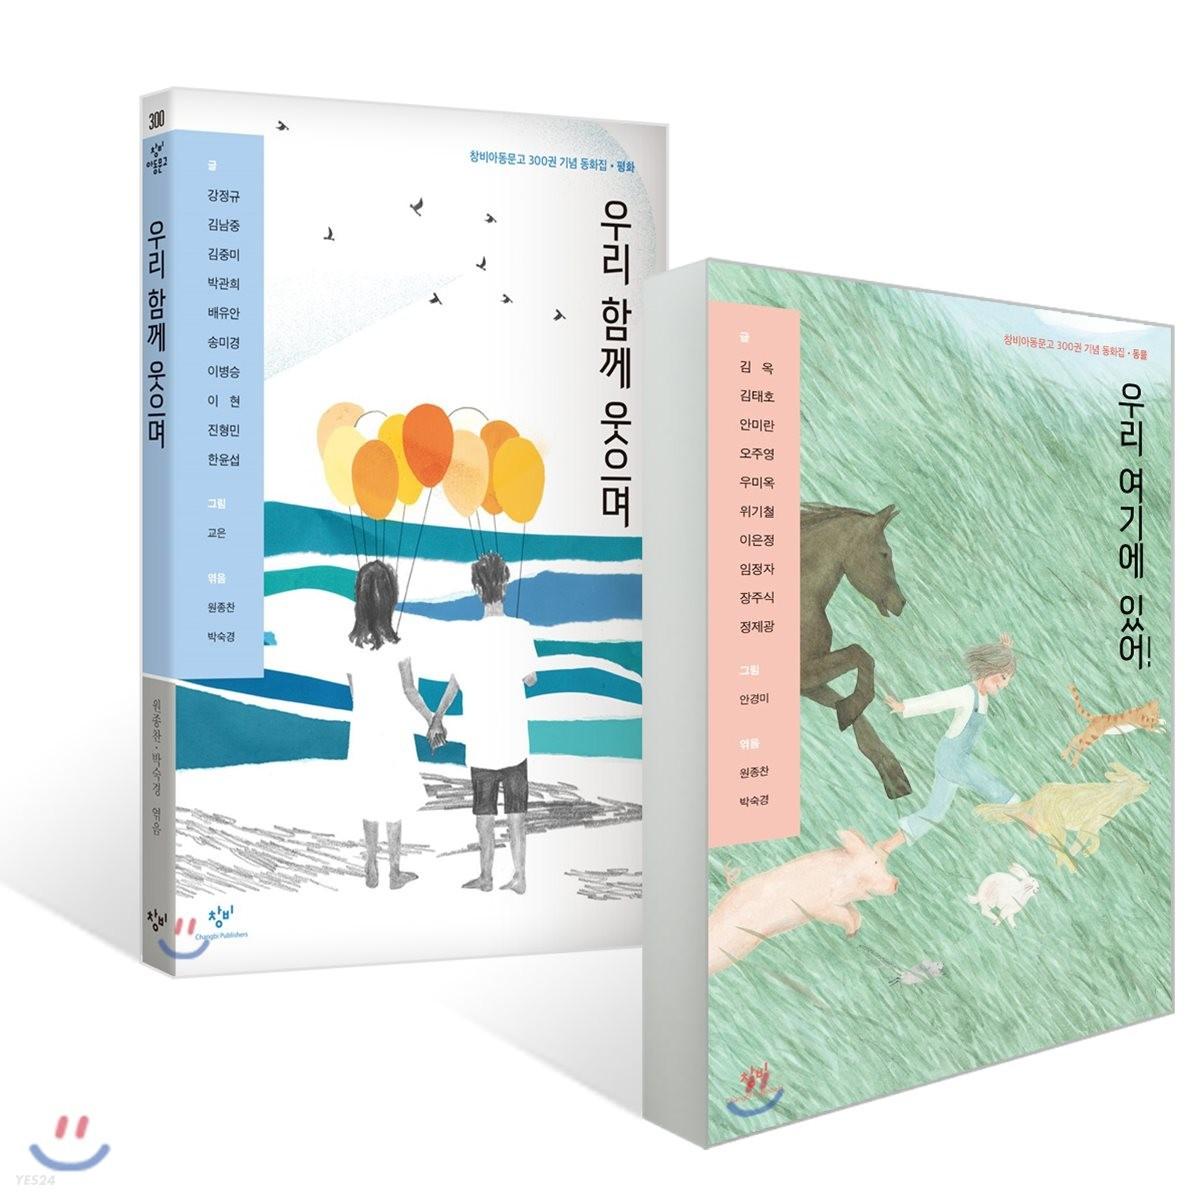 창비아동문고 300권 기념 동화집 세트